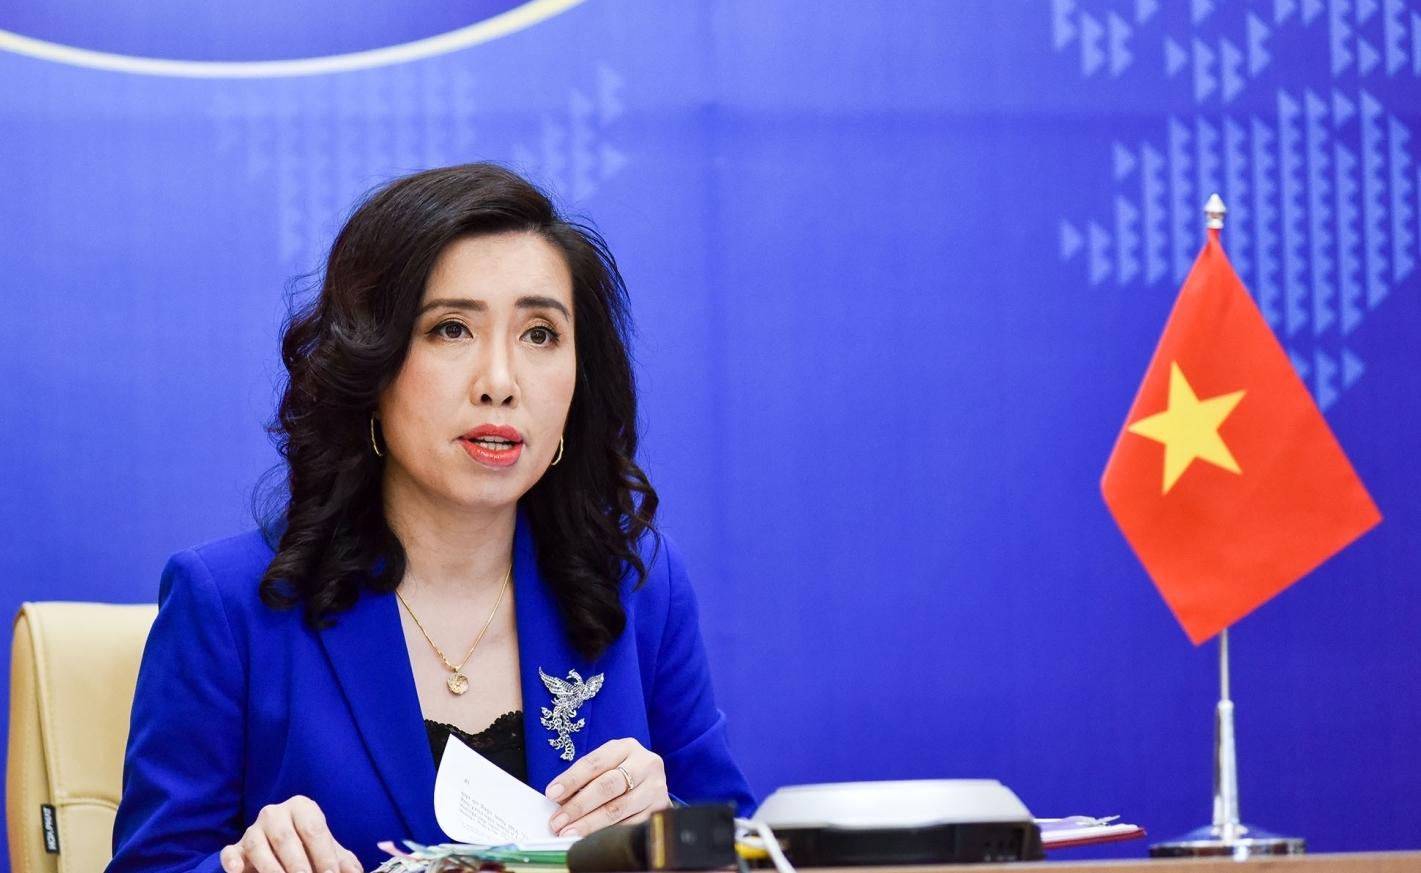 Chưa có công dân Việt Nam nào bị ảnh hưởng trong vụ tấn công khủng bố tại Afghanistan